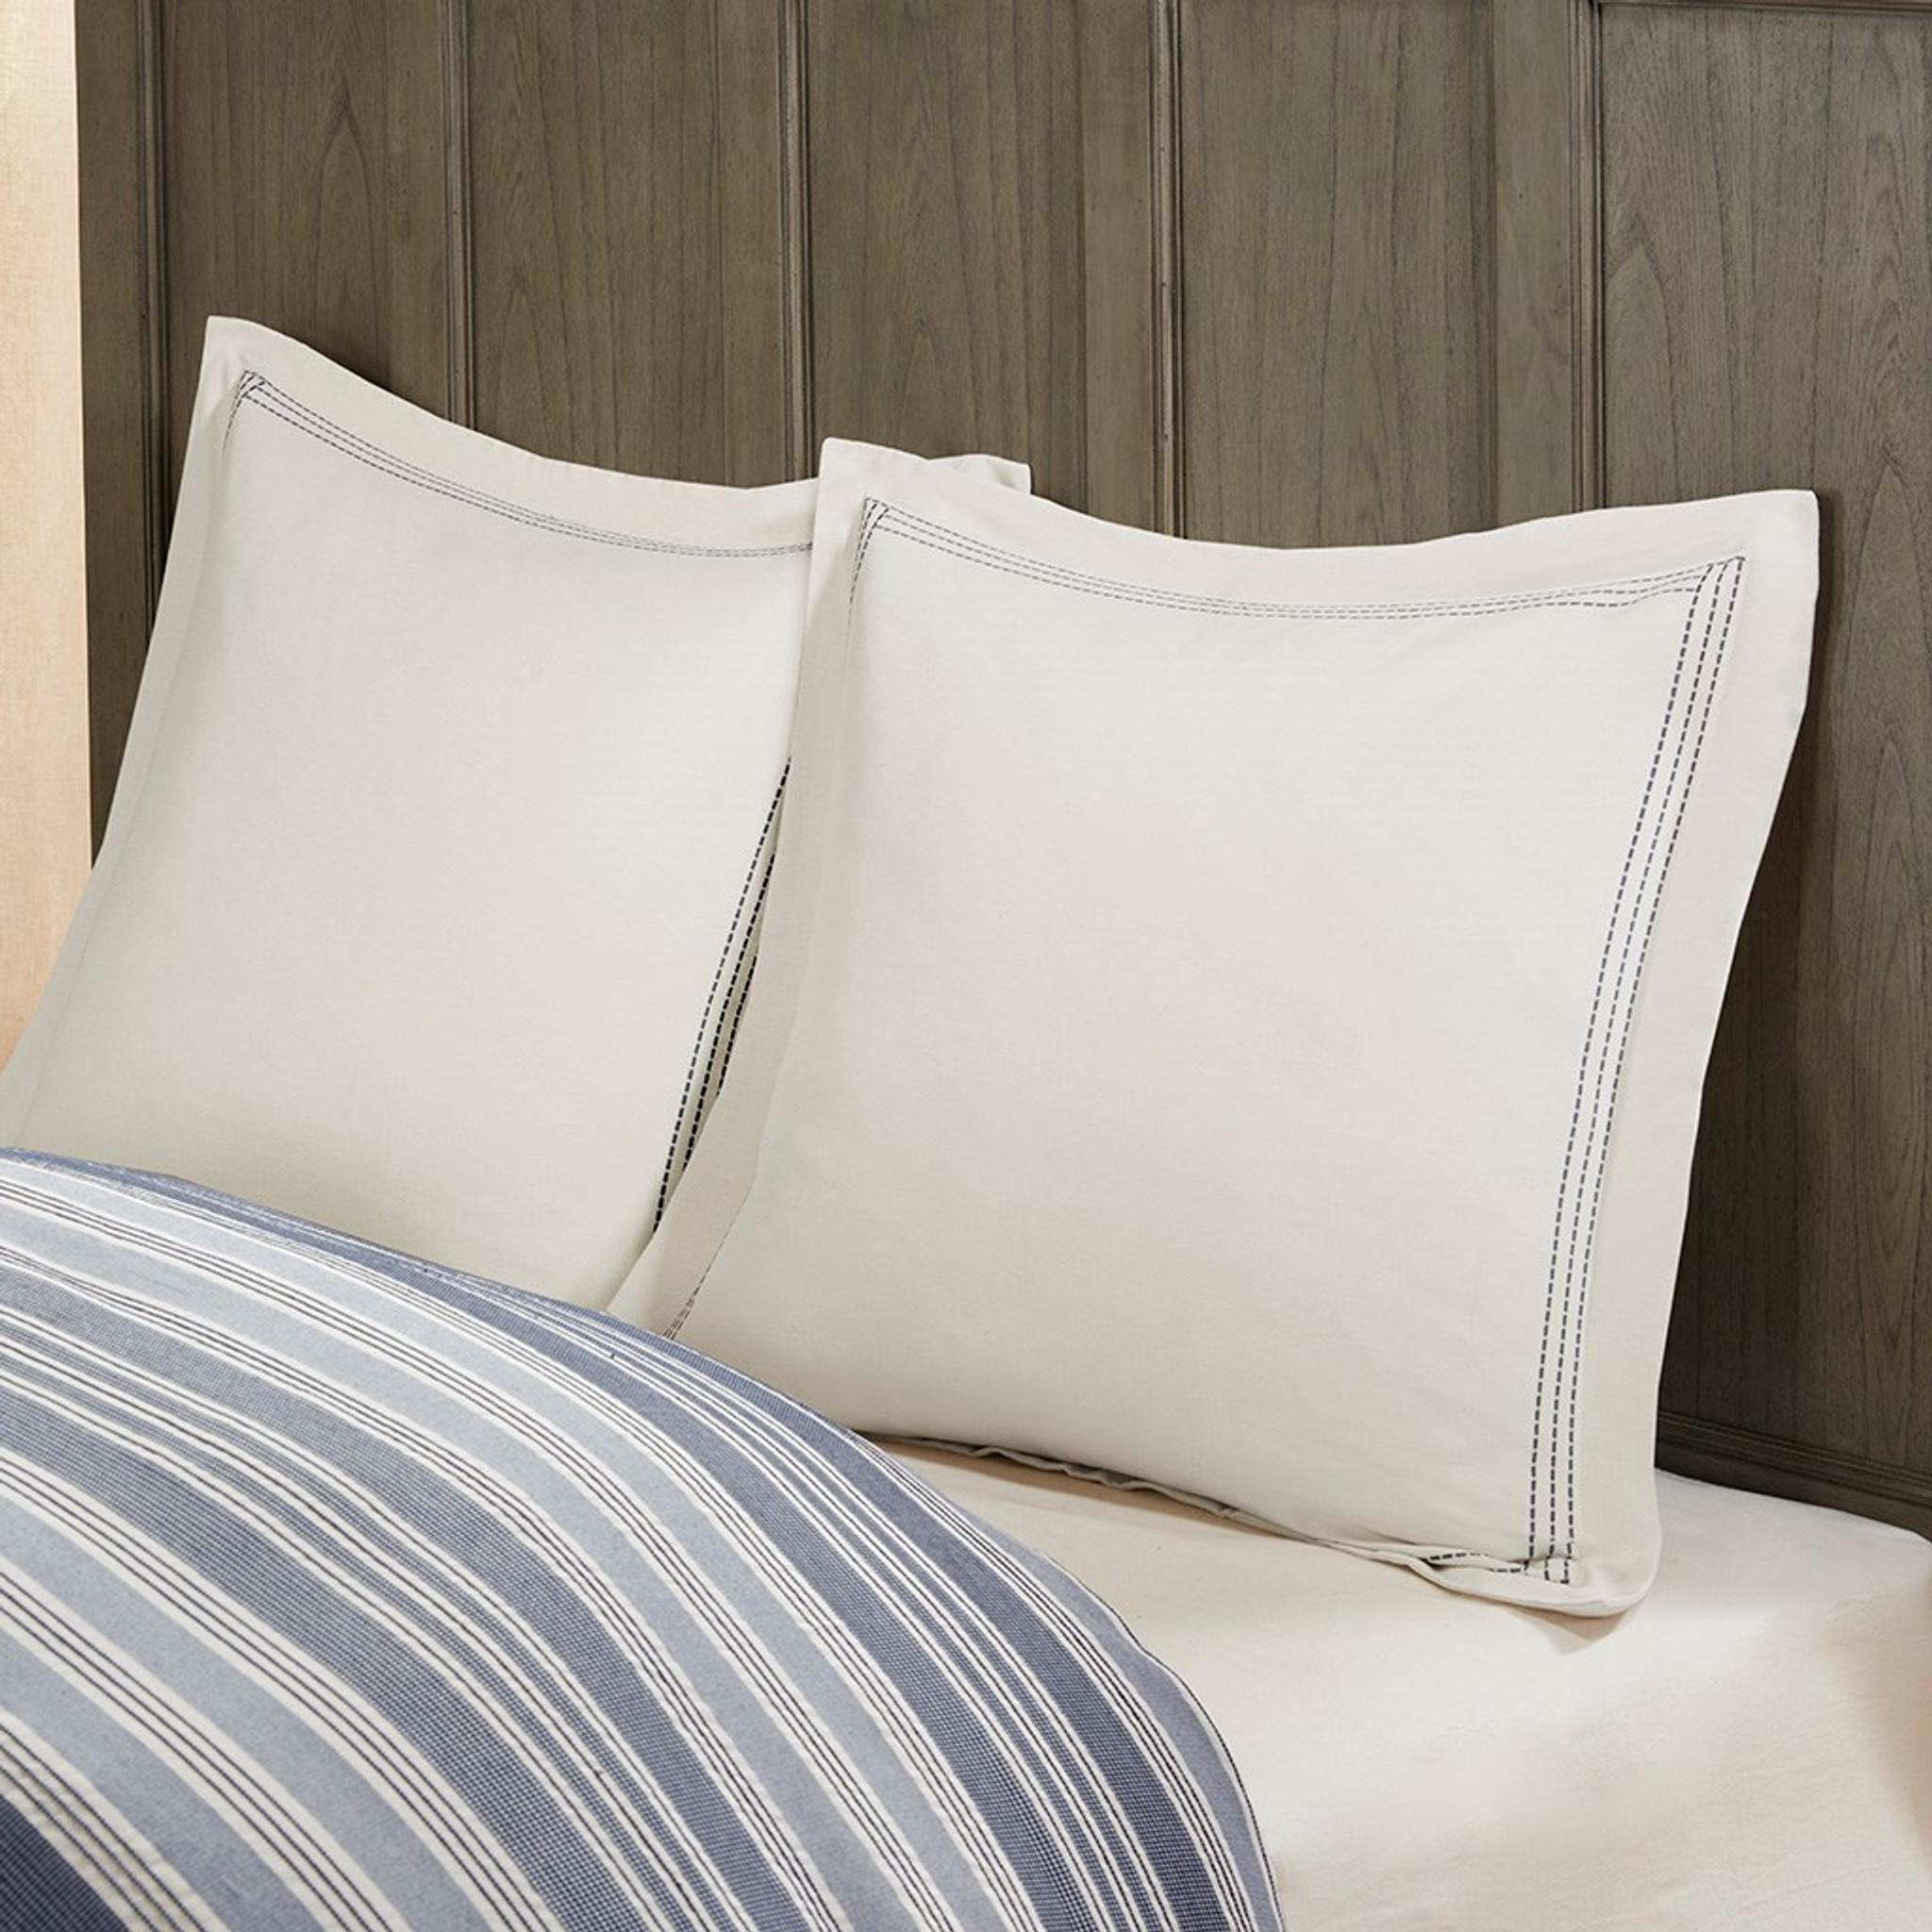 Coastal Farmhouse Comforter King Size 9 Piece Set Caron S Beach House